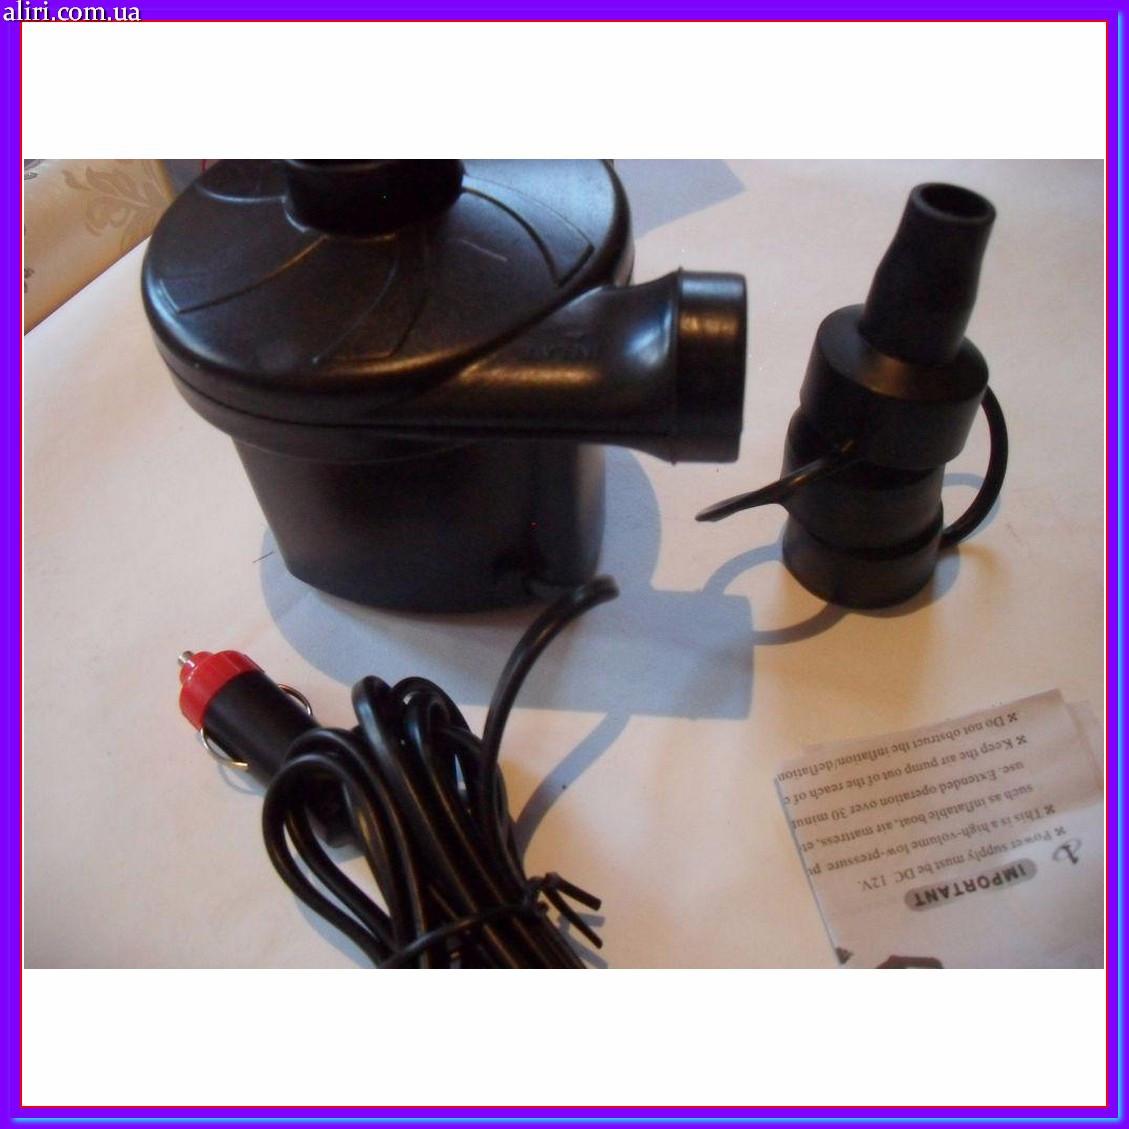 Компрессор Air Pomp 12v для надувных матрасов от прикуривателя и от сети